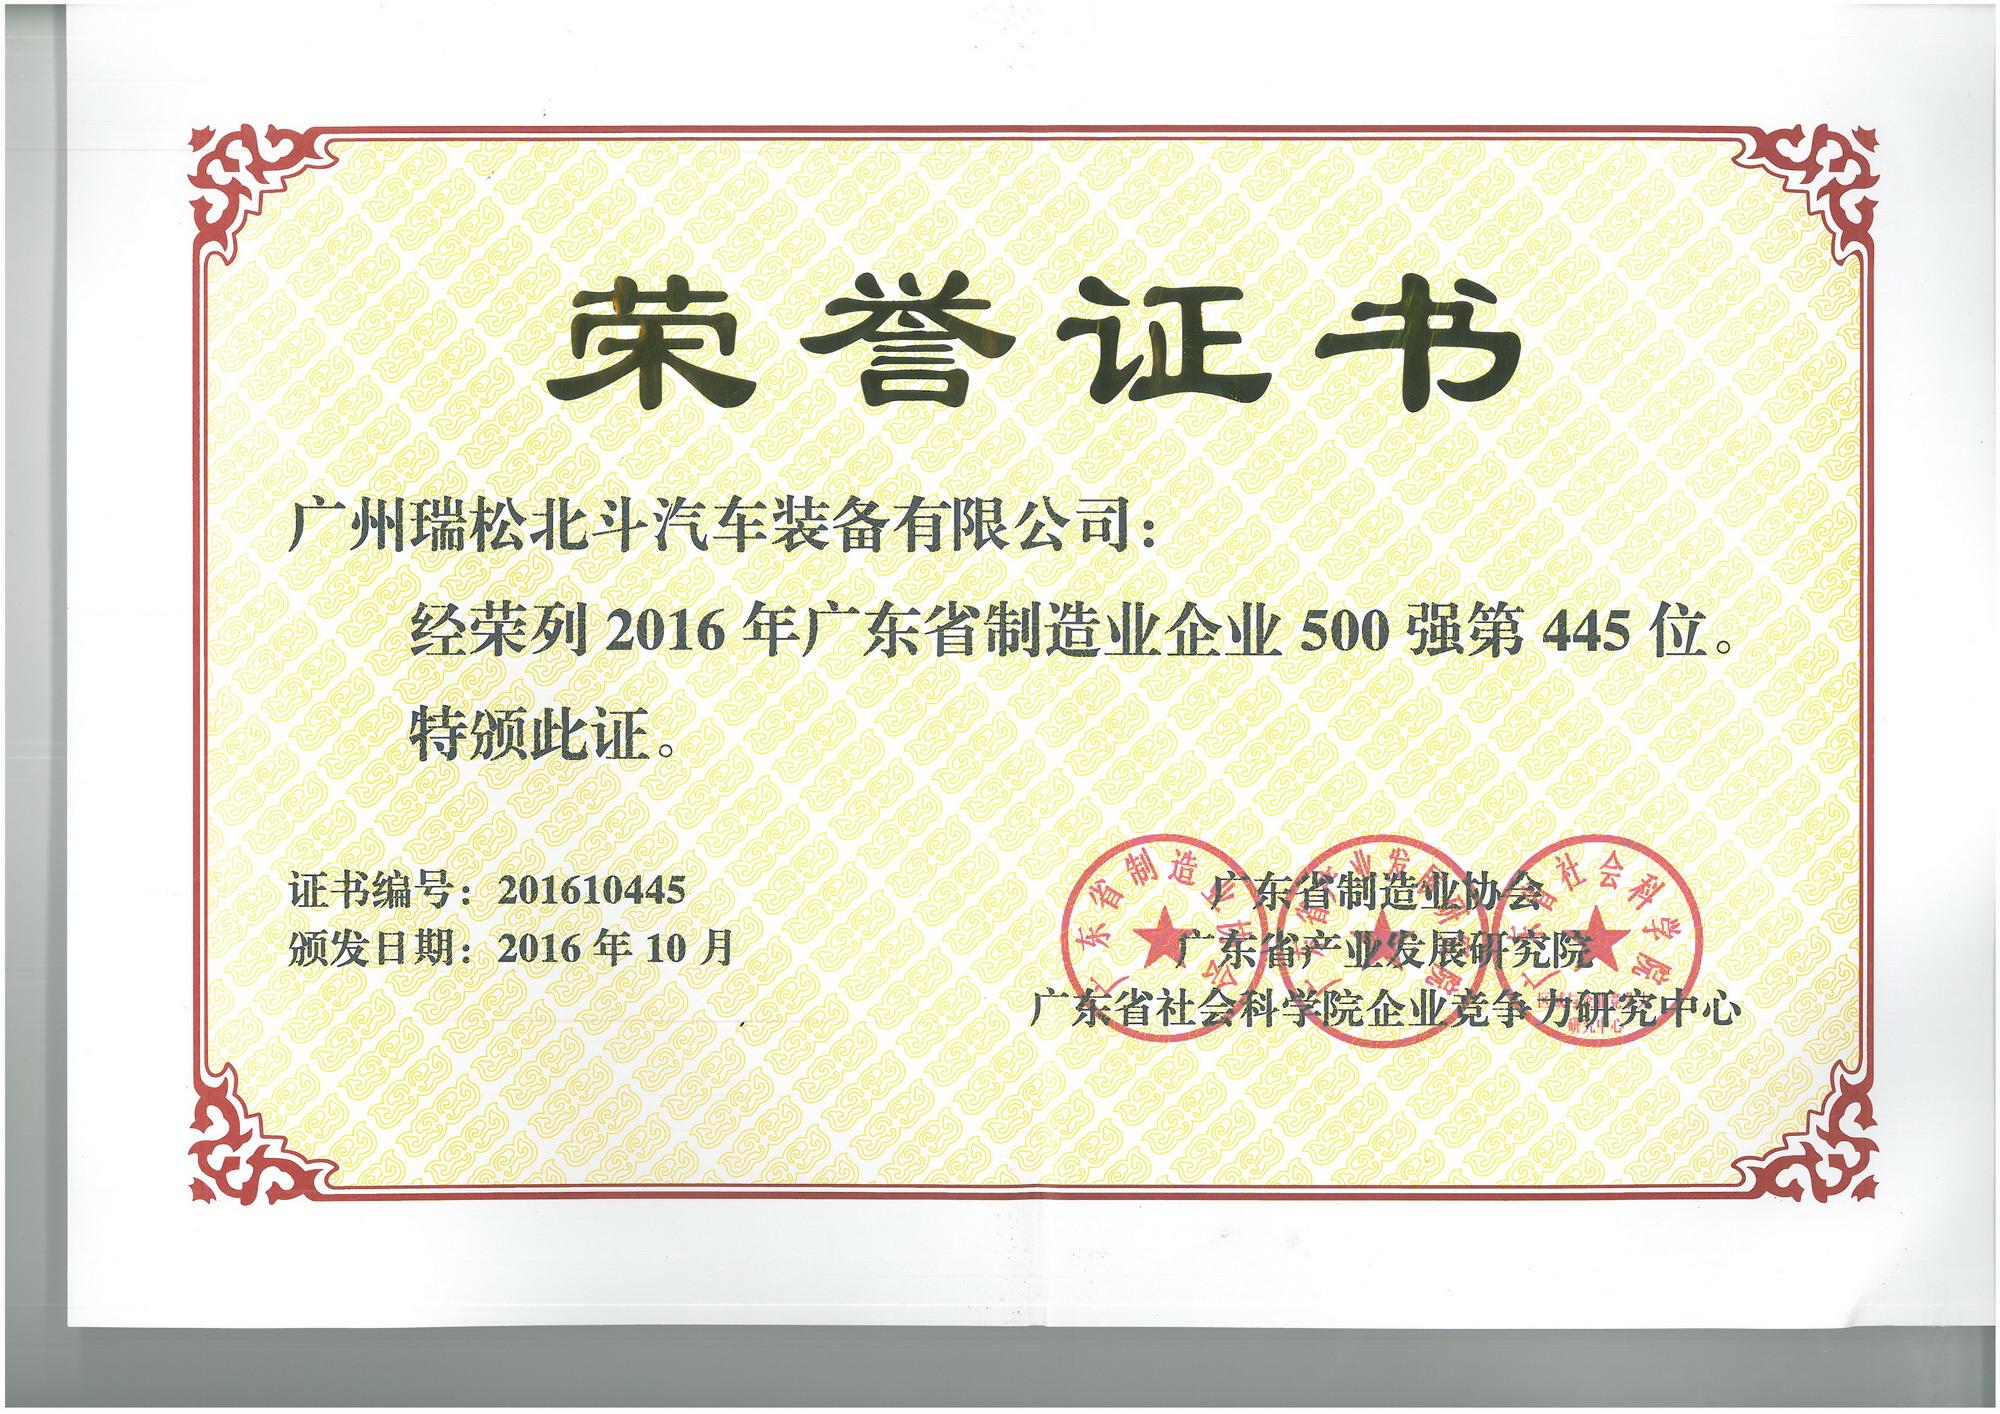 我司荣列2016年广东省制造业企业500强榜单